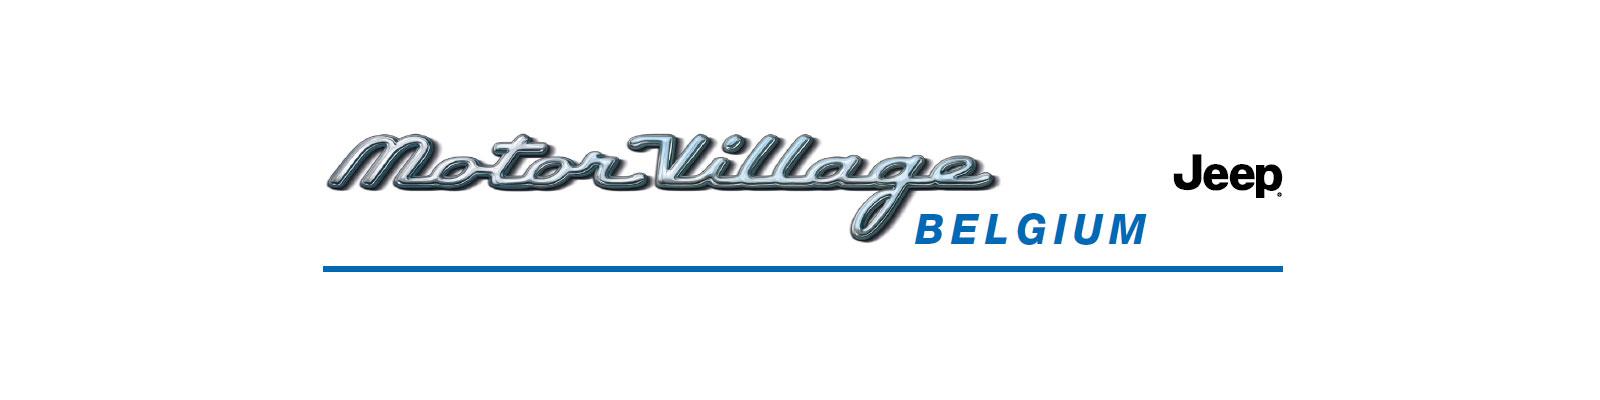 Motor village logo